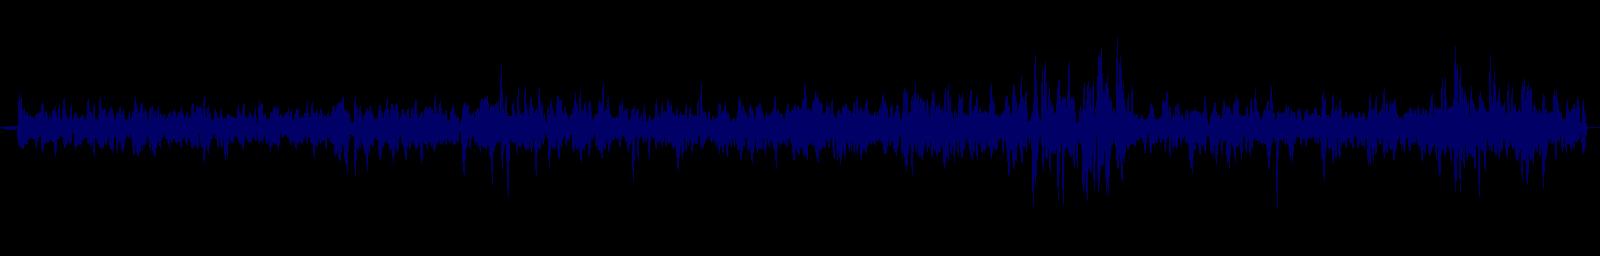 waveform of track #139183